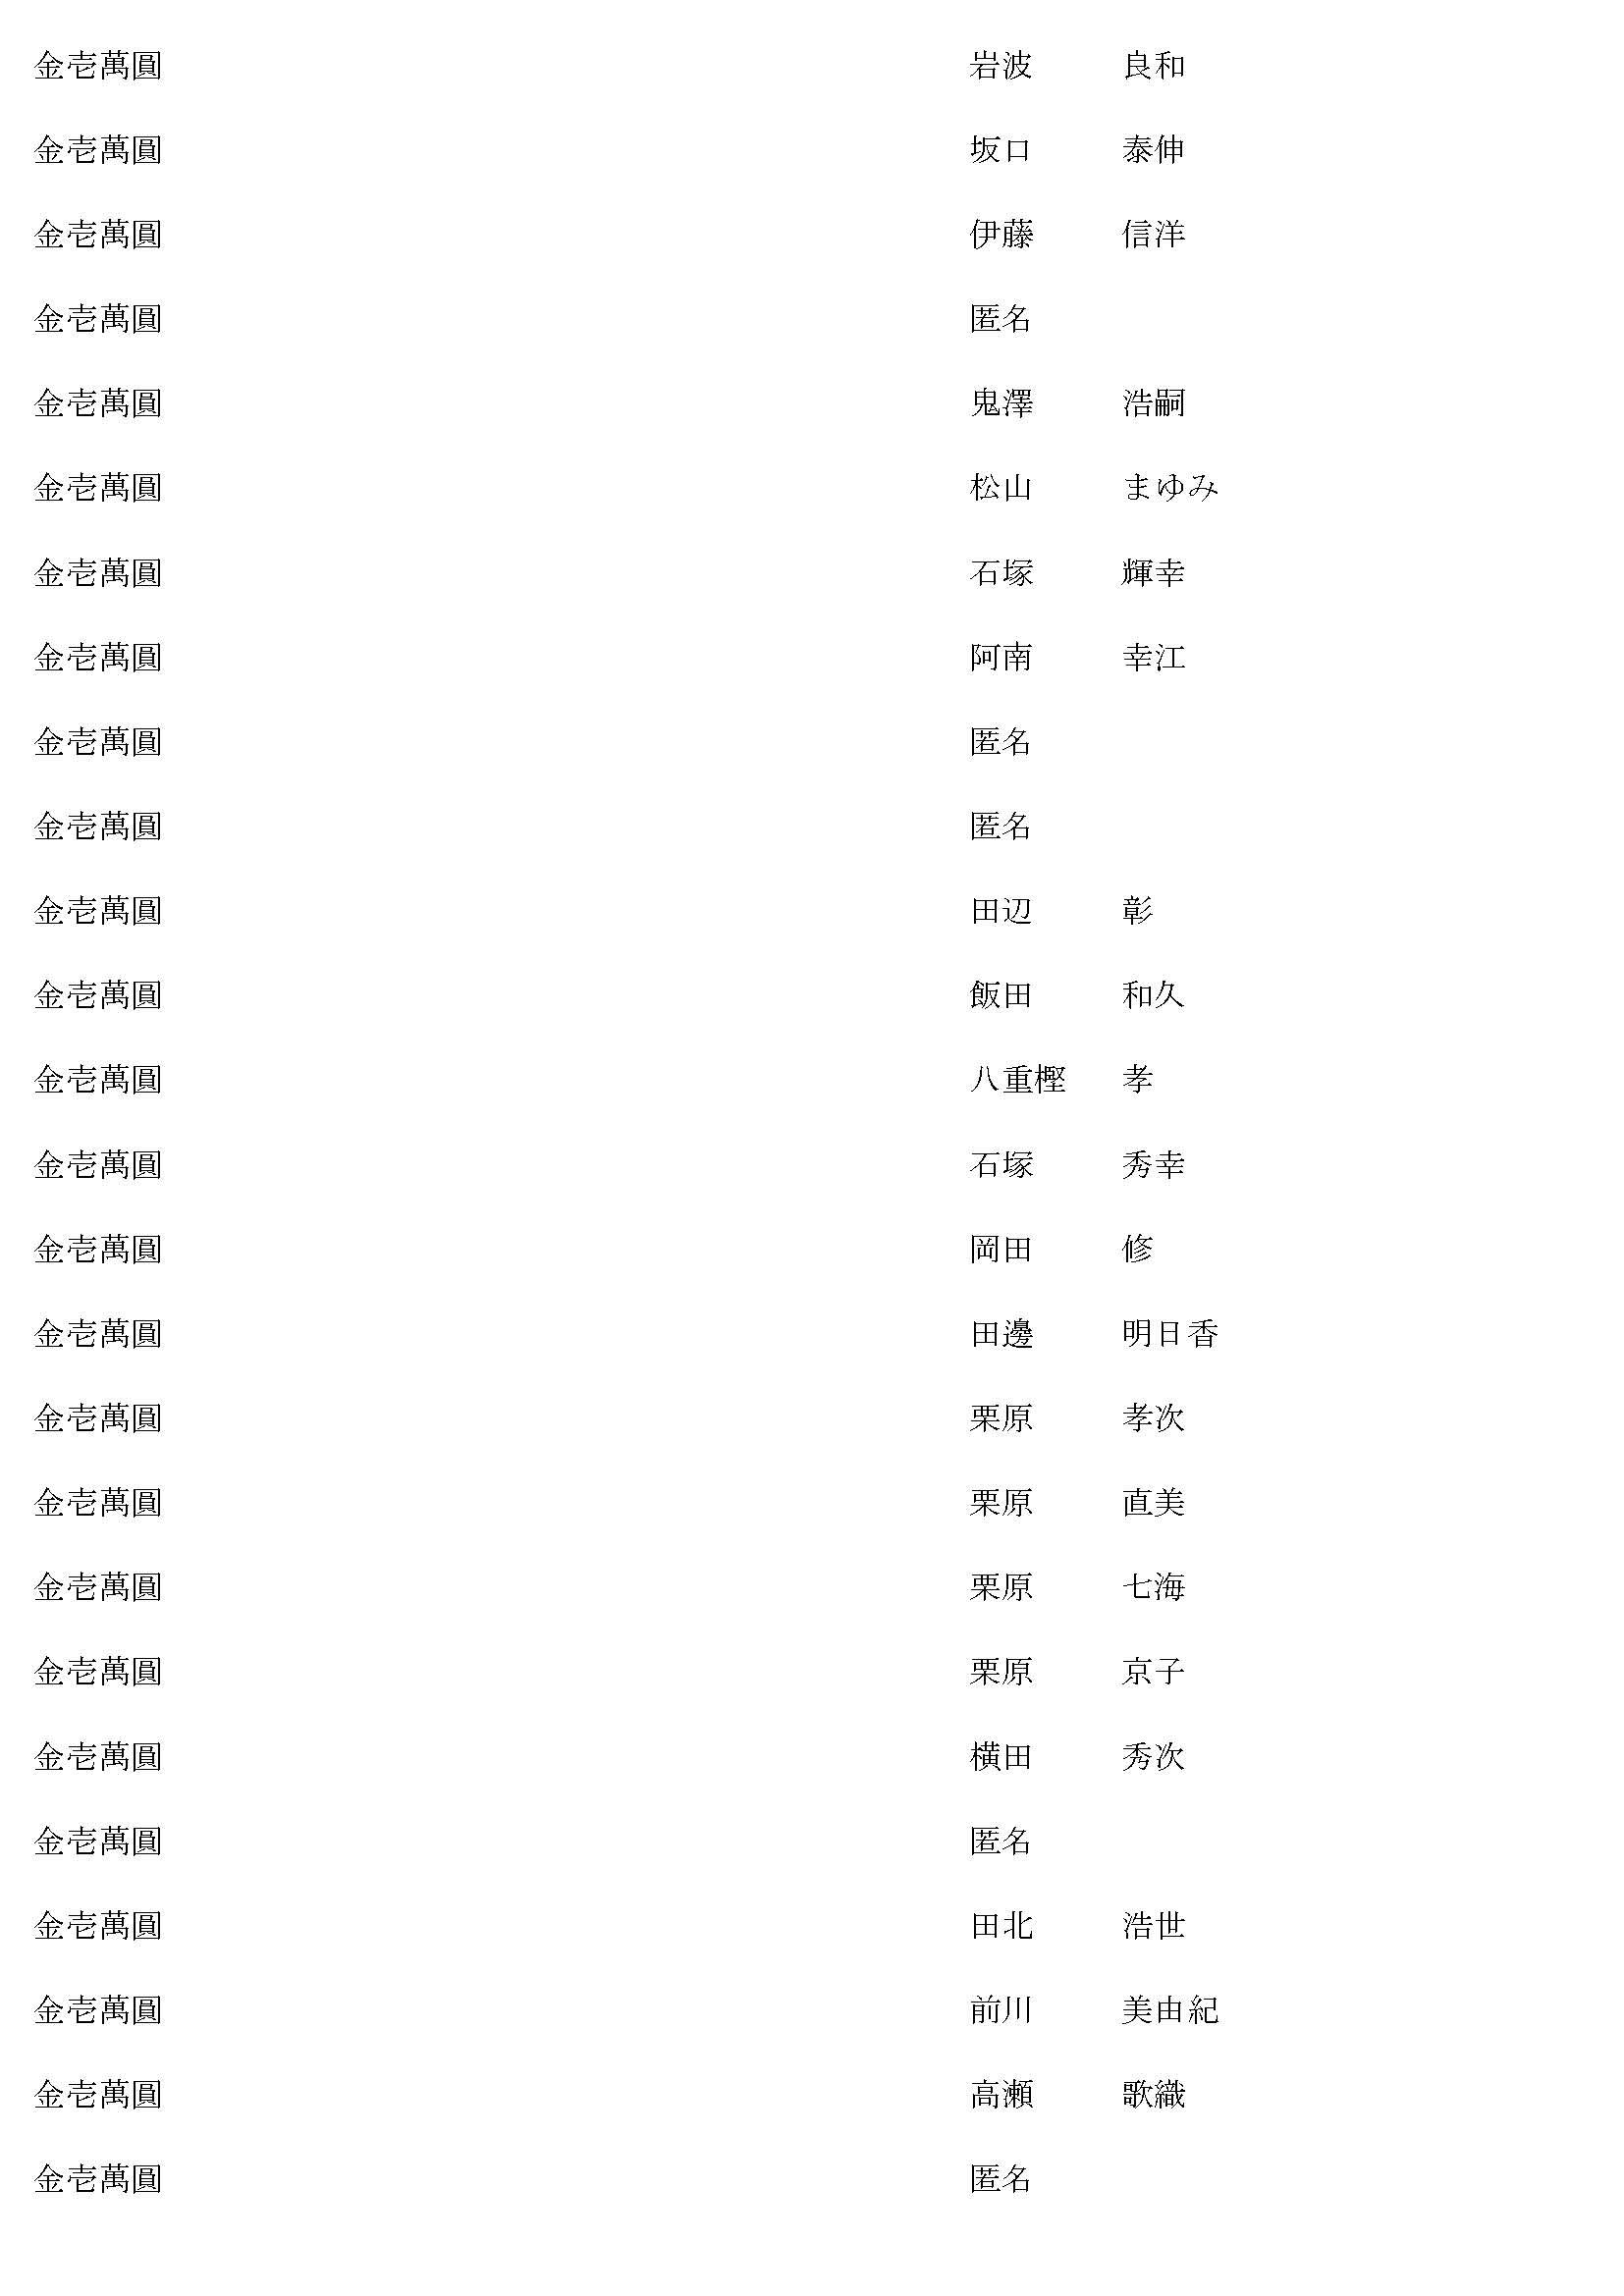 御鎮座七百年記念事業奉賛者御芳名簿15